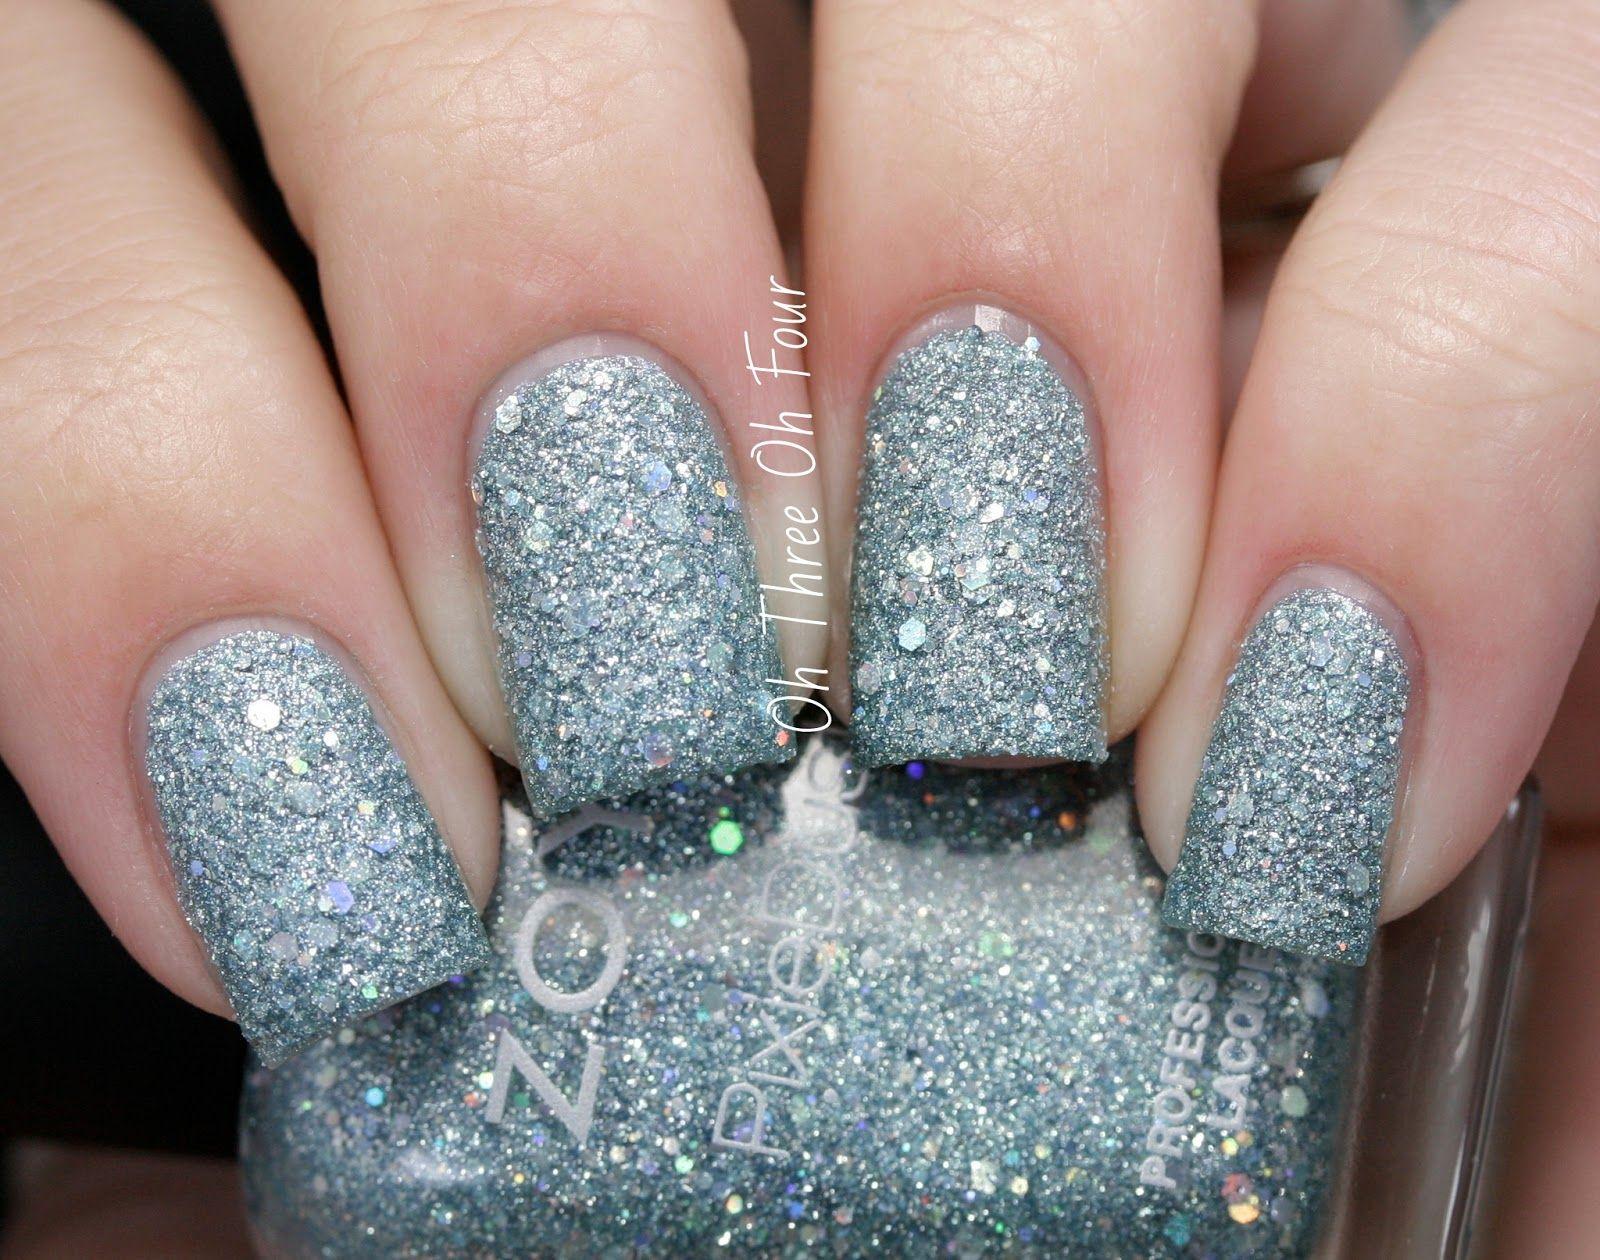 Zoya Vega Zoya nail polish, Nail polish, Nails